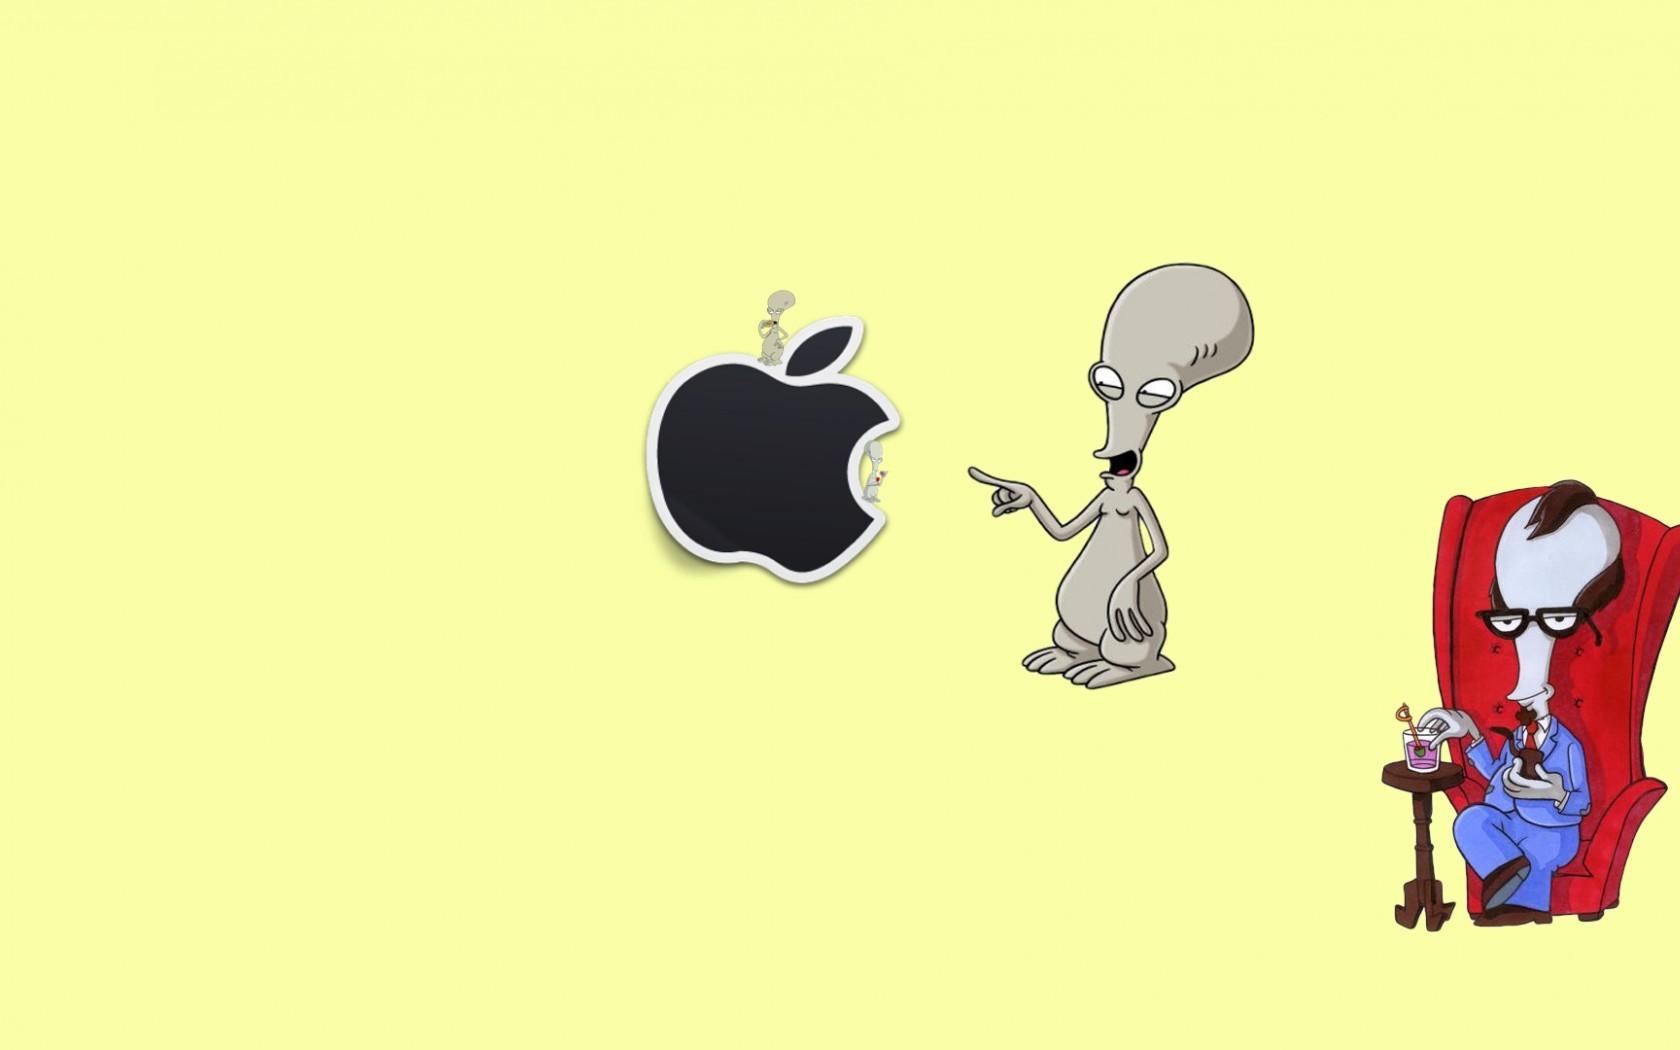 22802 Hintergrundbild herunterladen Apple-, Humor, Marken, Hintergrund, Logos - Bildschirmschoner und Bilder kostenlos